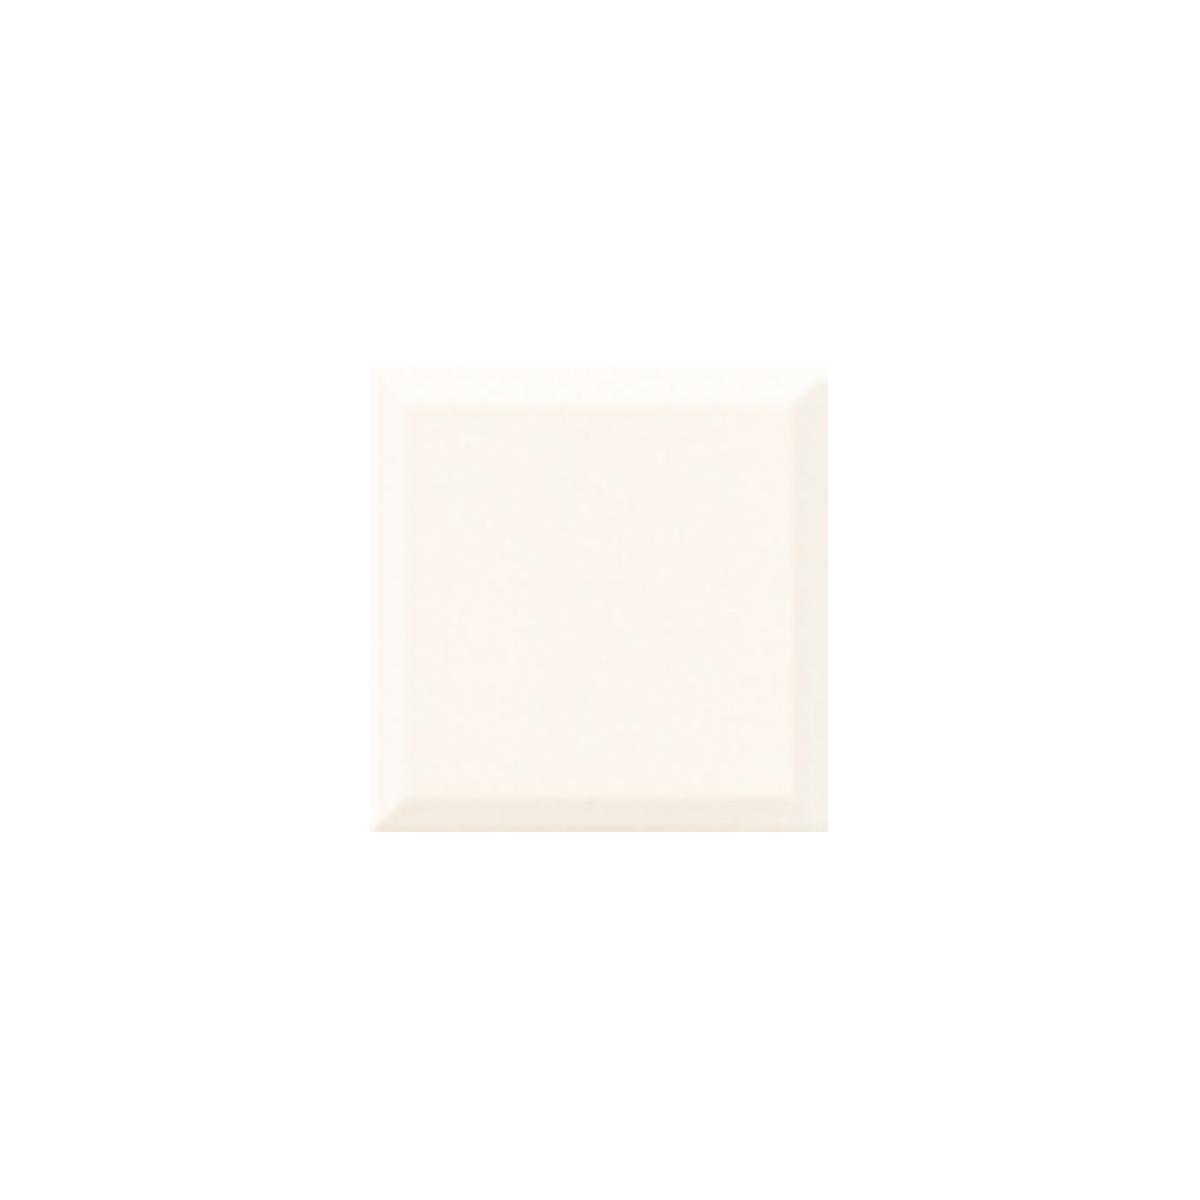 Blanco biselado brillo 20x20